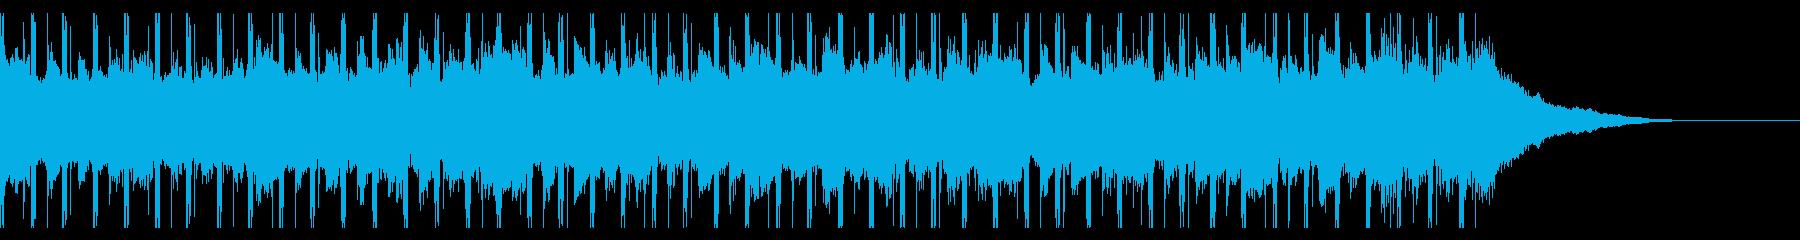 チュートリアル(30秒)の再生済みの波形